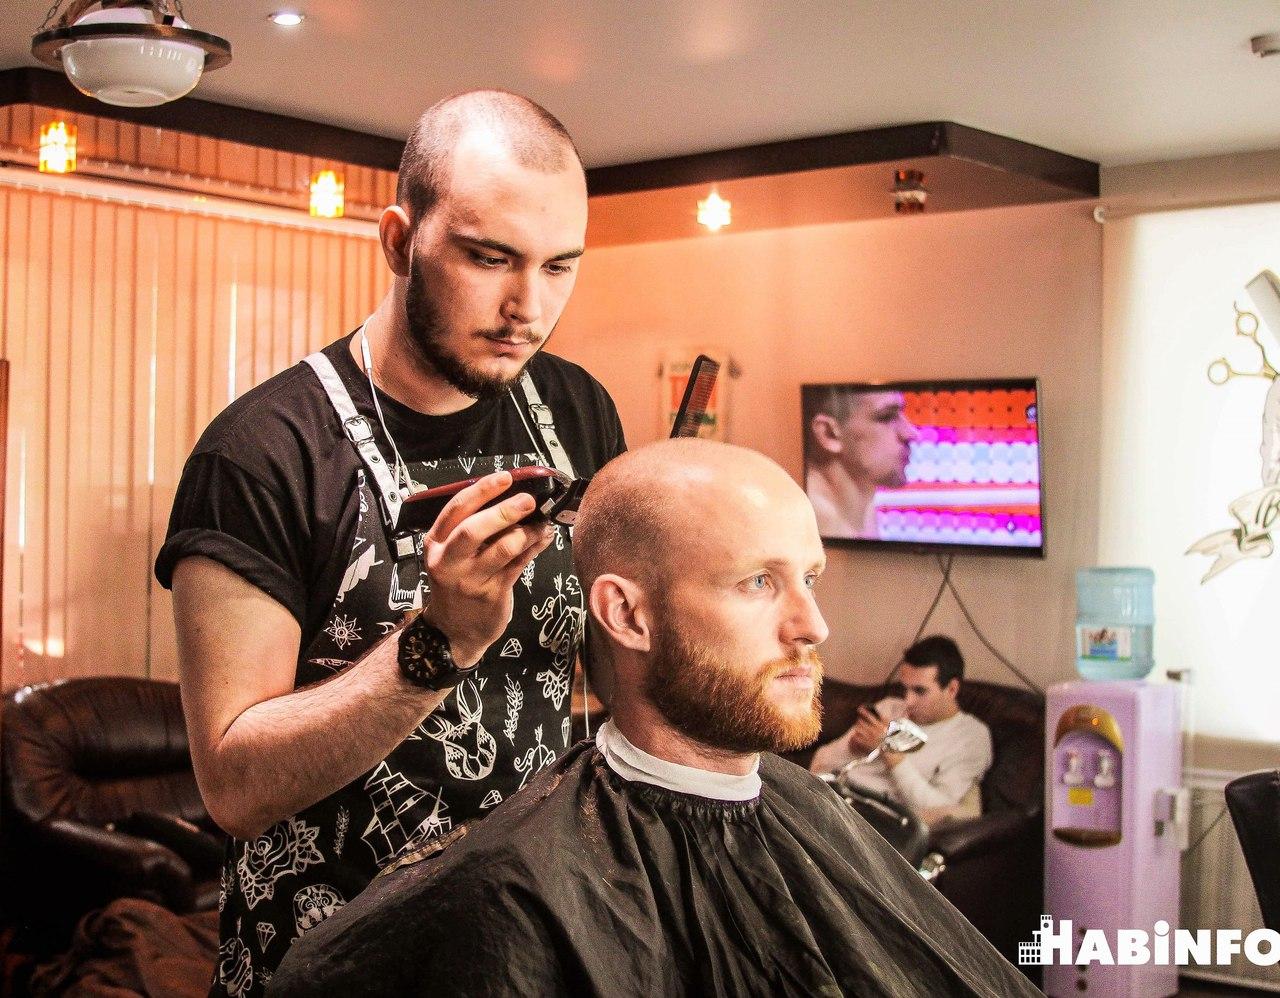 «Девушек я не люблю» - один из самых молодых парикмахеров в Хабаровске о своей работе